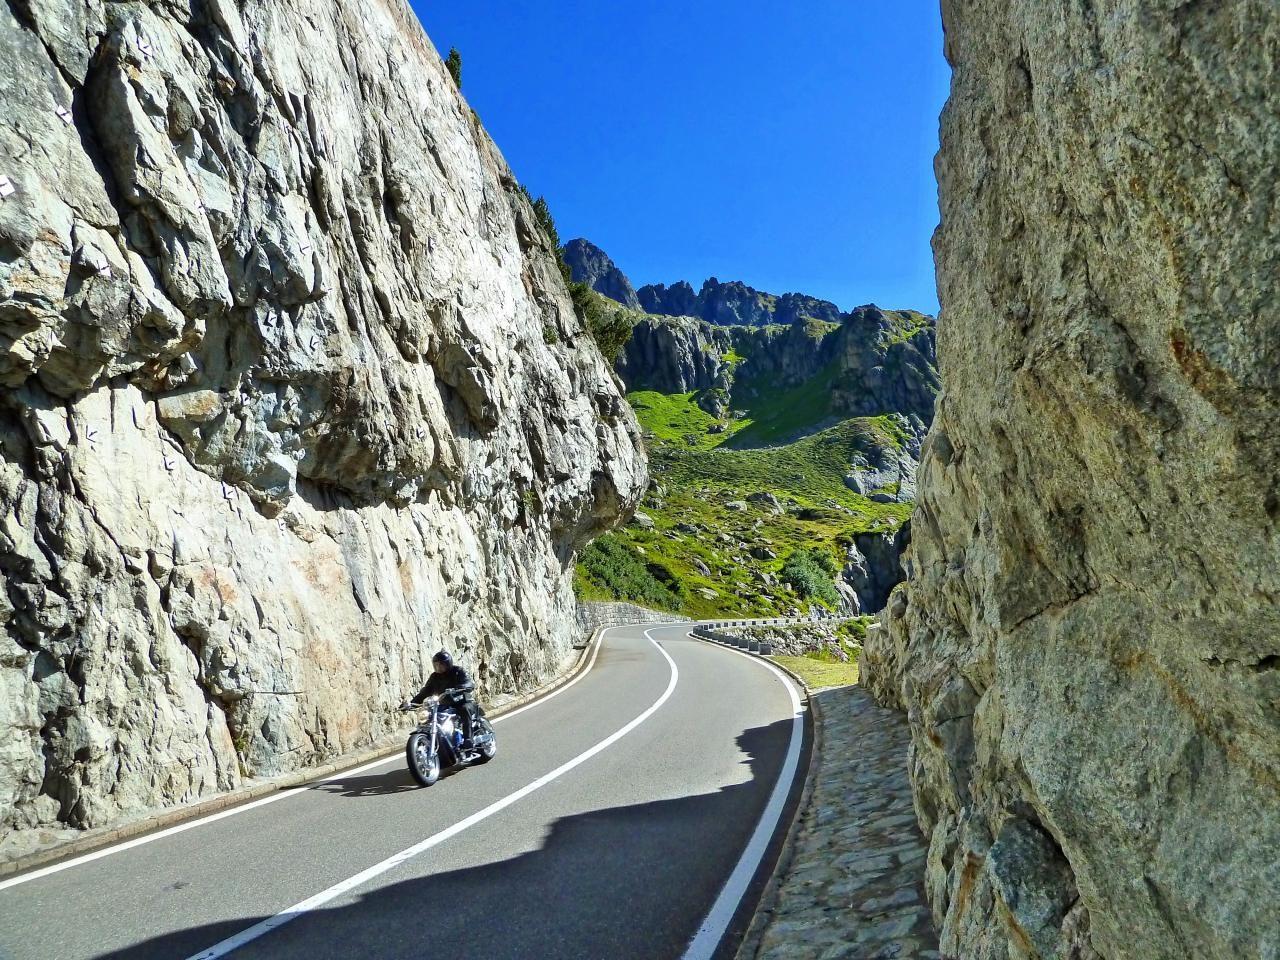 스위스 자동차 여행, 수스텐 패스(Susten PASS)를 달리는 오토바이, switzerland, Image - xuuxuu